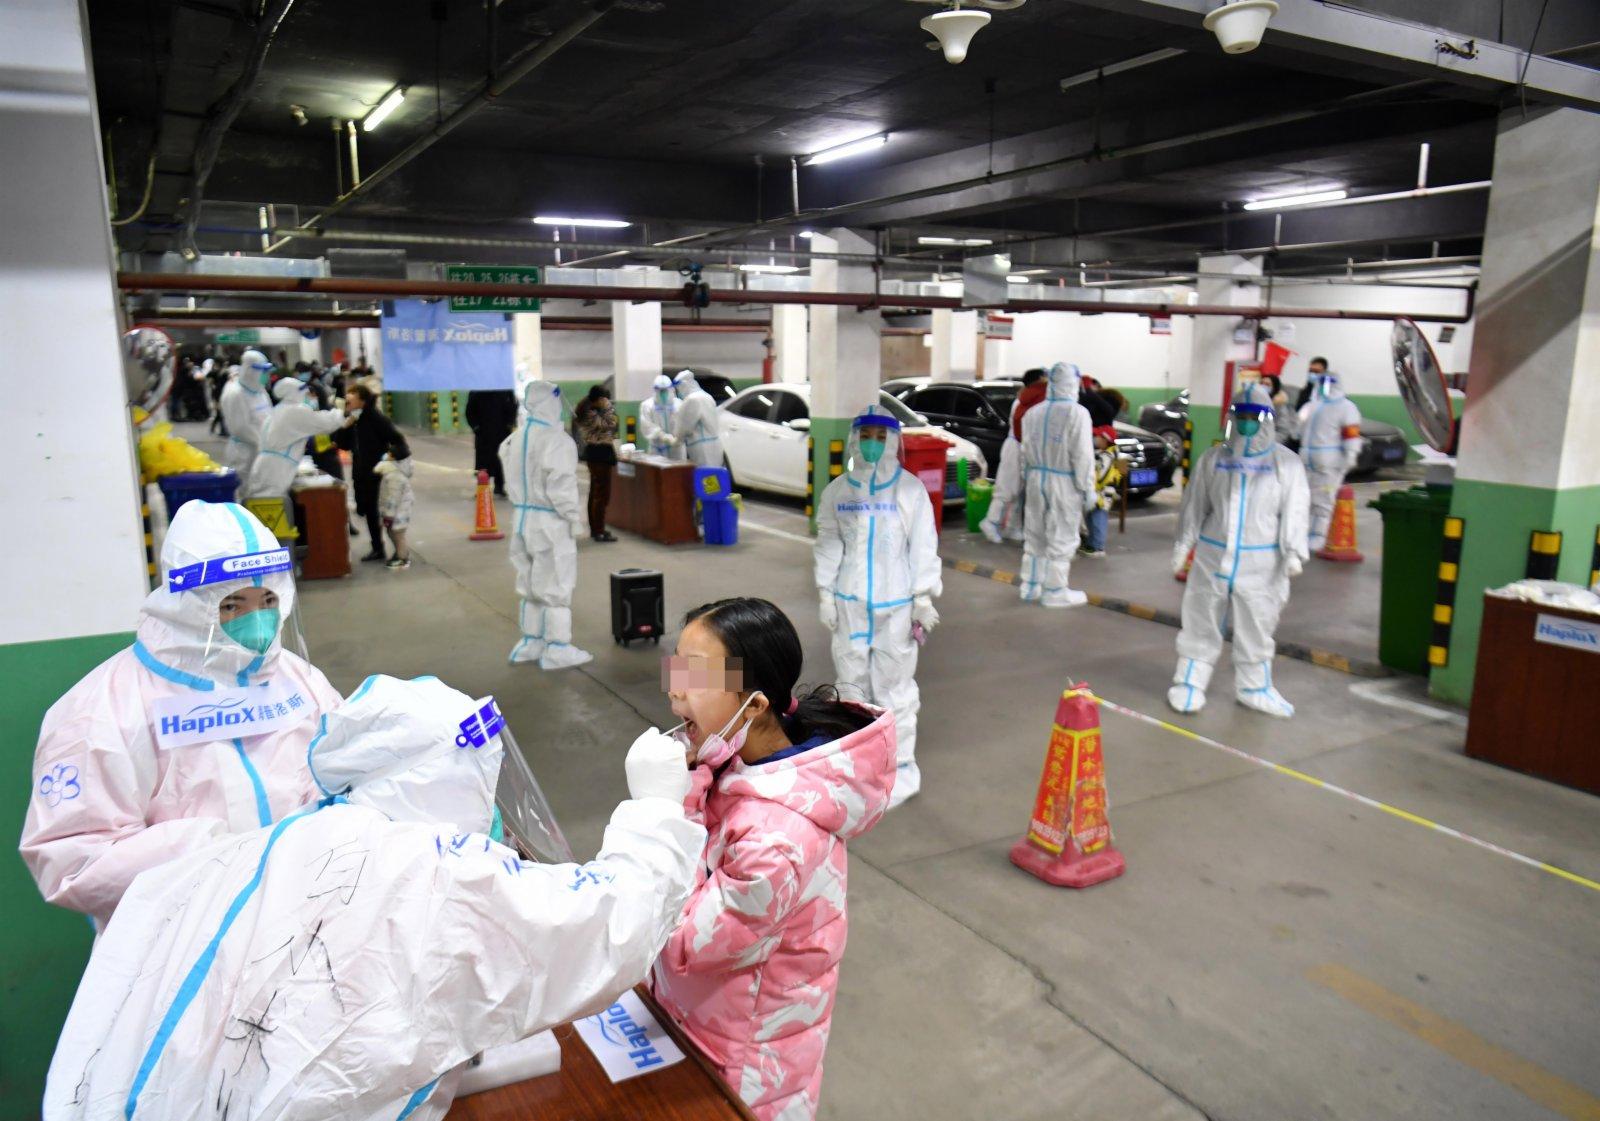 石家莊一小區居民正在地下車庫有序排隊進行核酸採樣。(中新社)